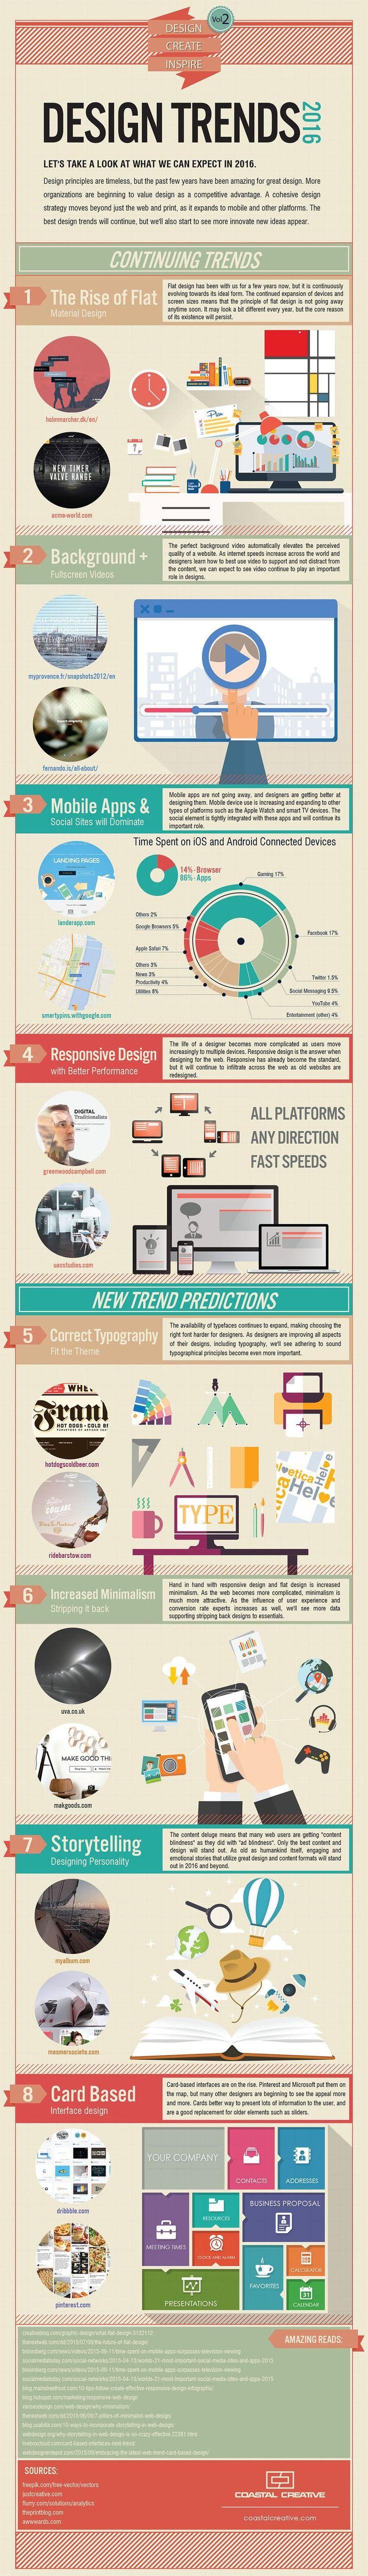 [Infographie] Les tendances du webdesign en 2016 || What Are 8 Web Design Trends For 2016? #infographic #webdesign #creative #UX